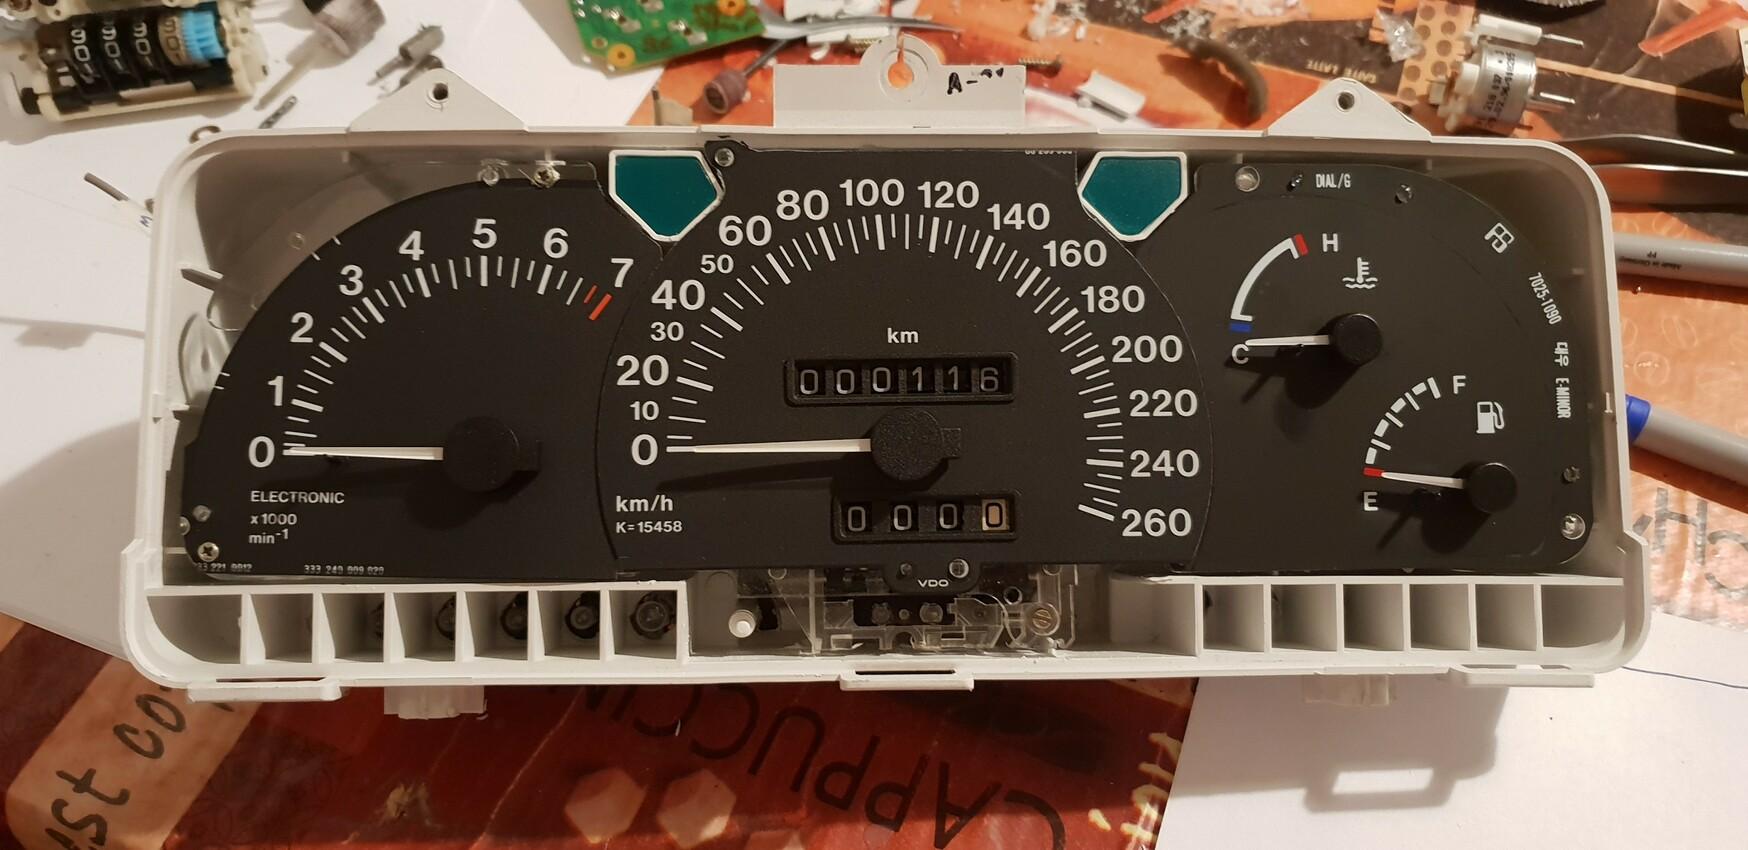 Nexia tacho umgebaut auf v6